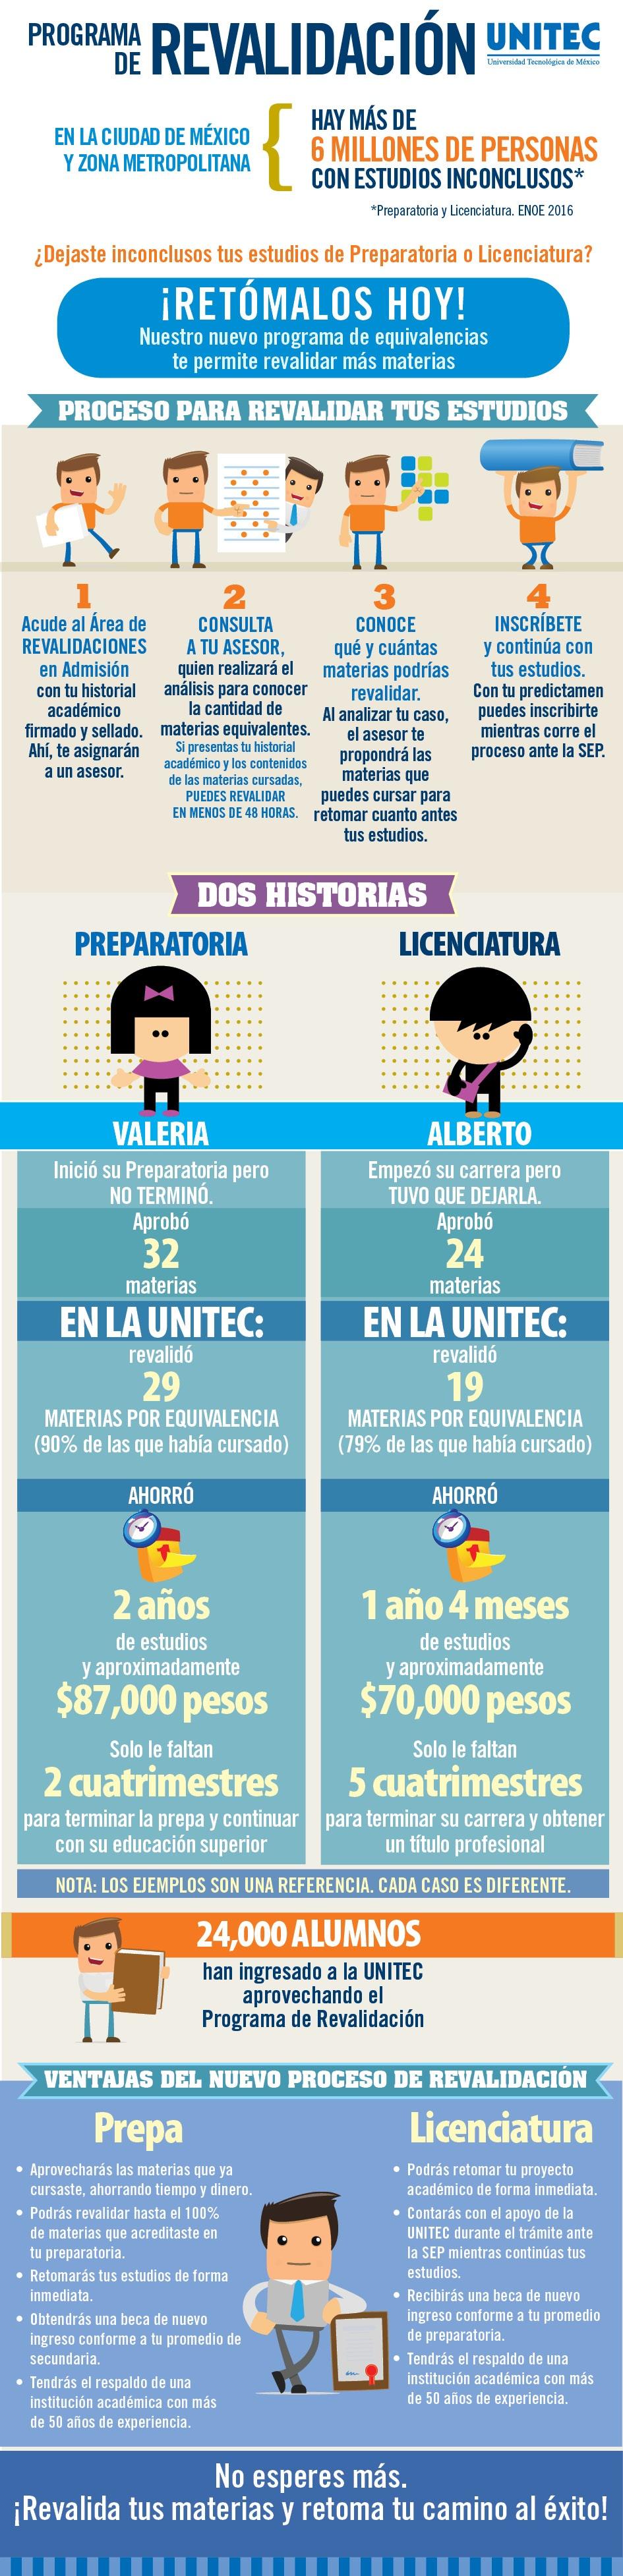 infografia-revalidaciones-unitec.jpg